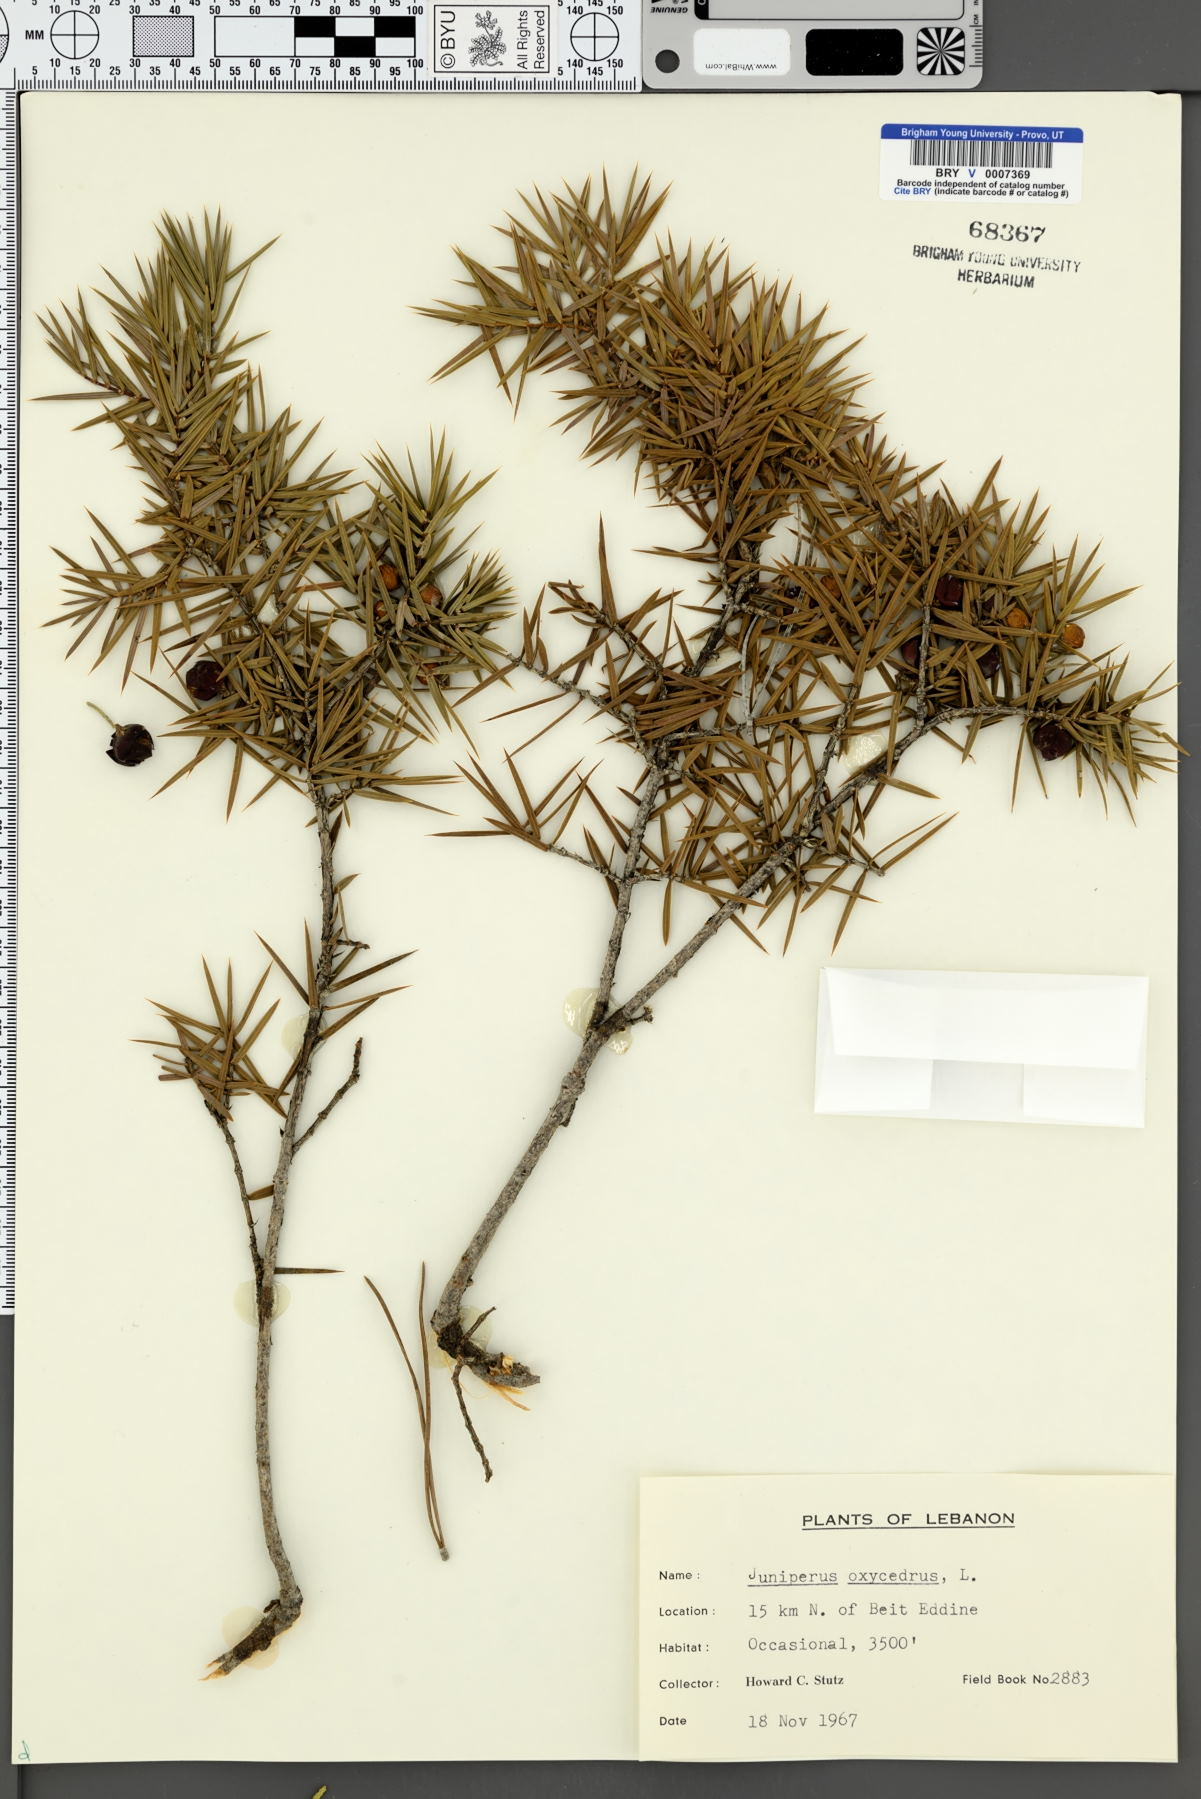 Juniperus oxycedrus image